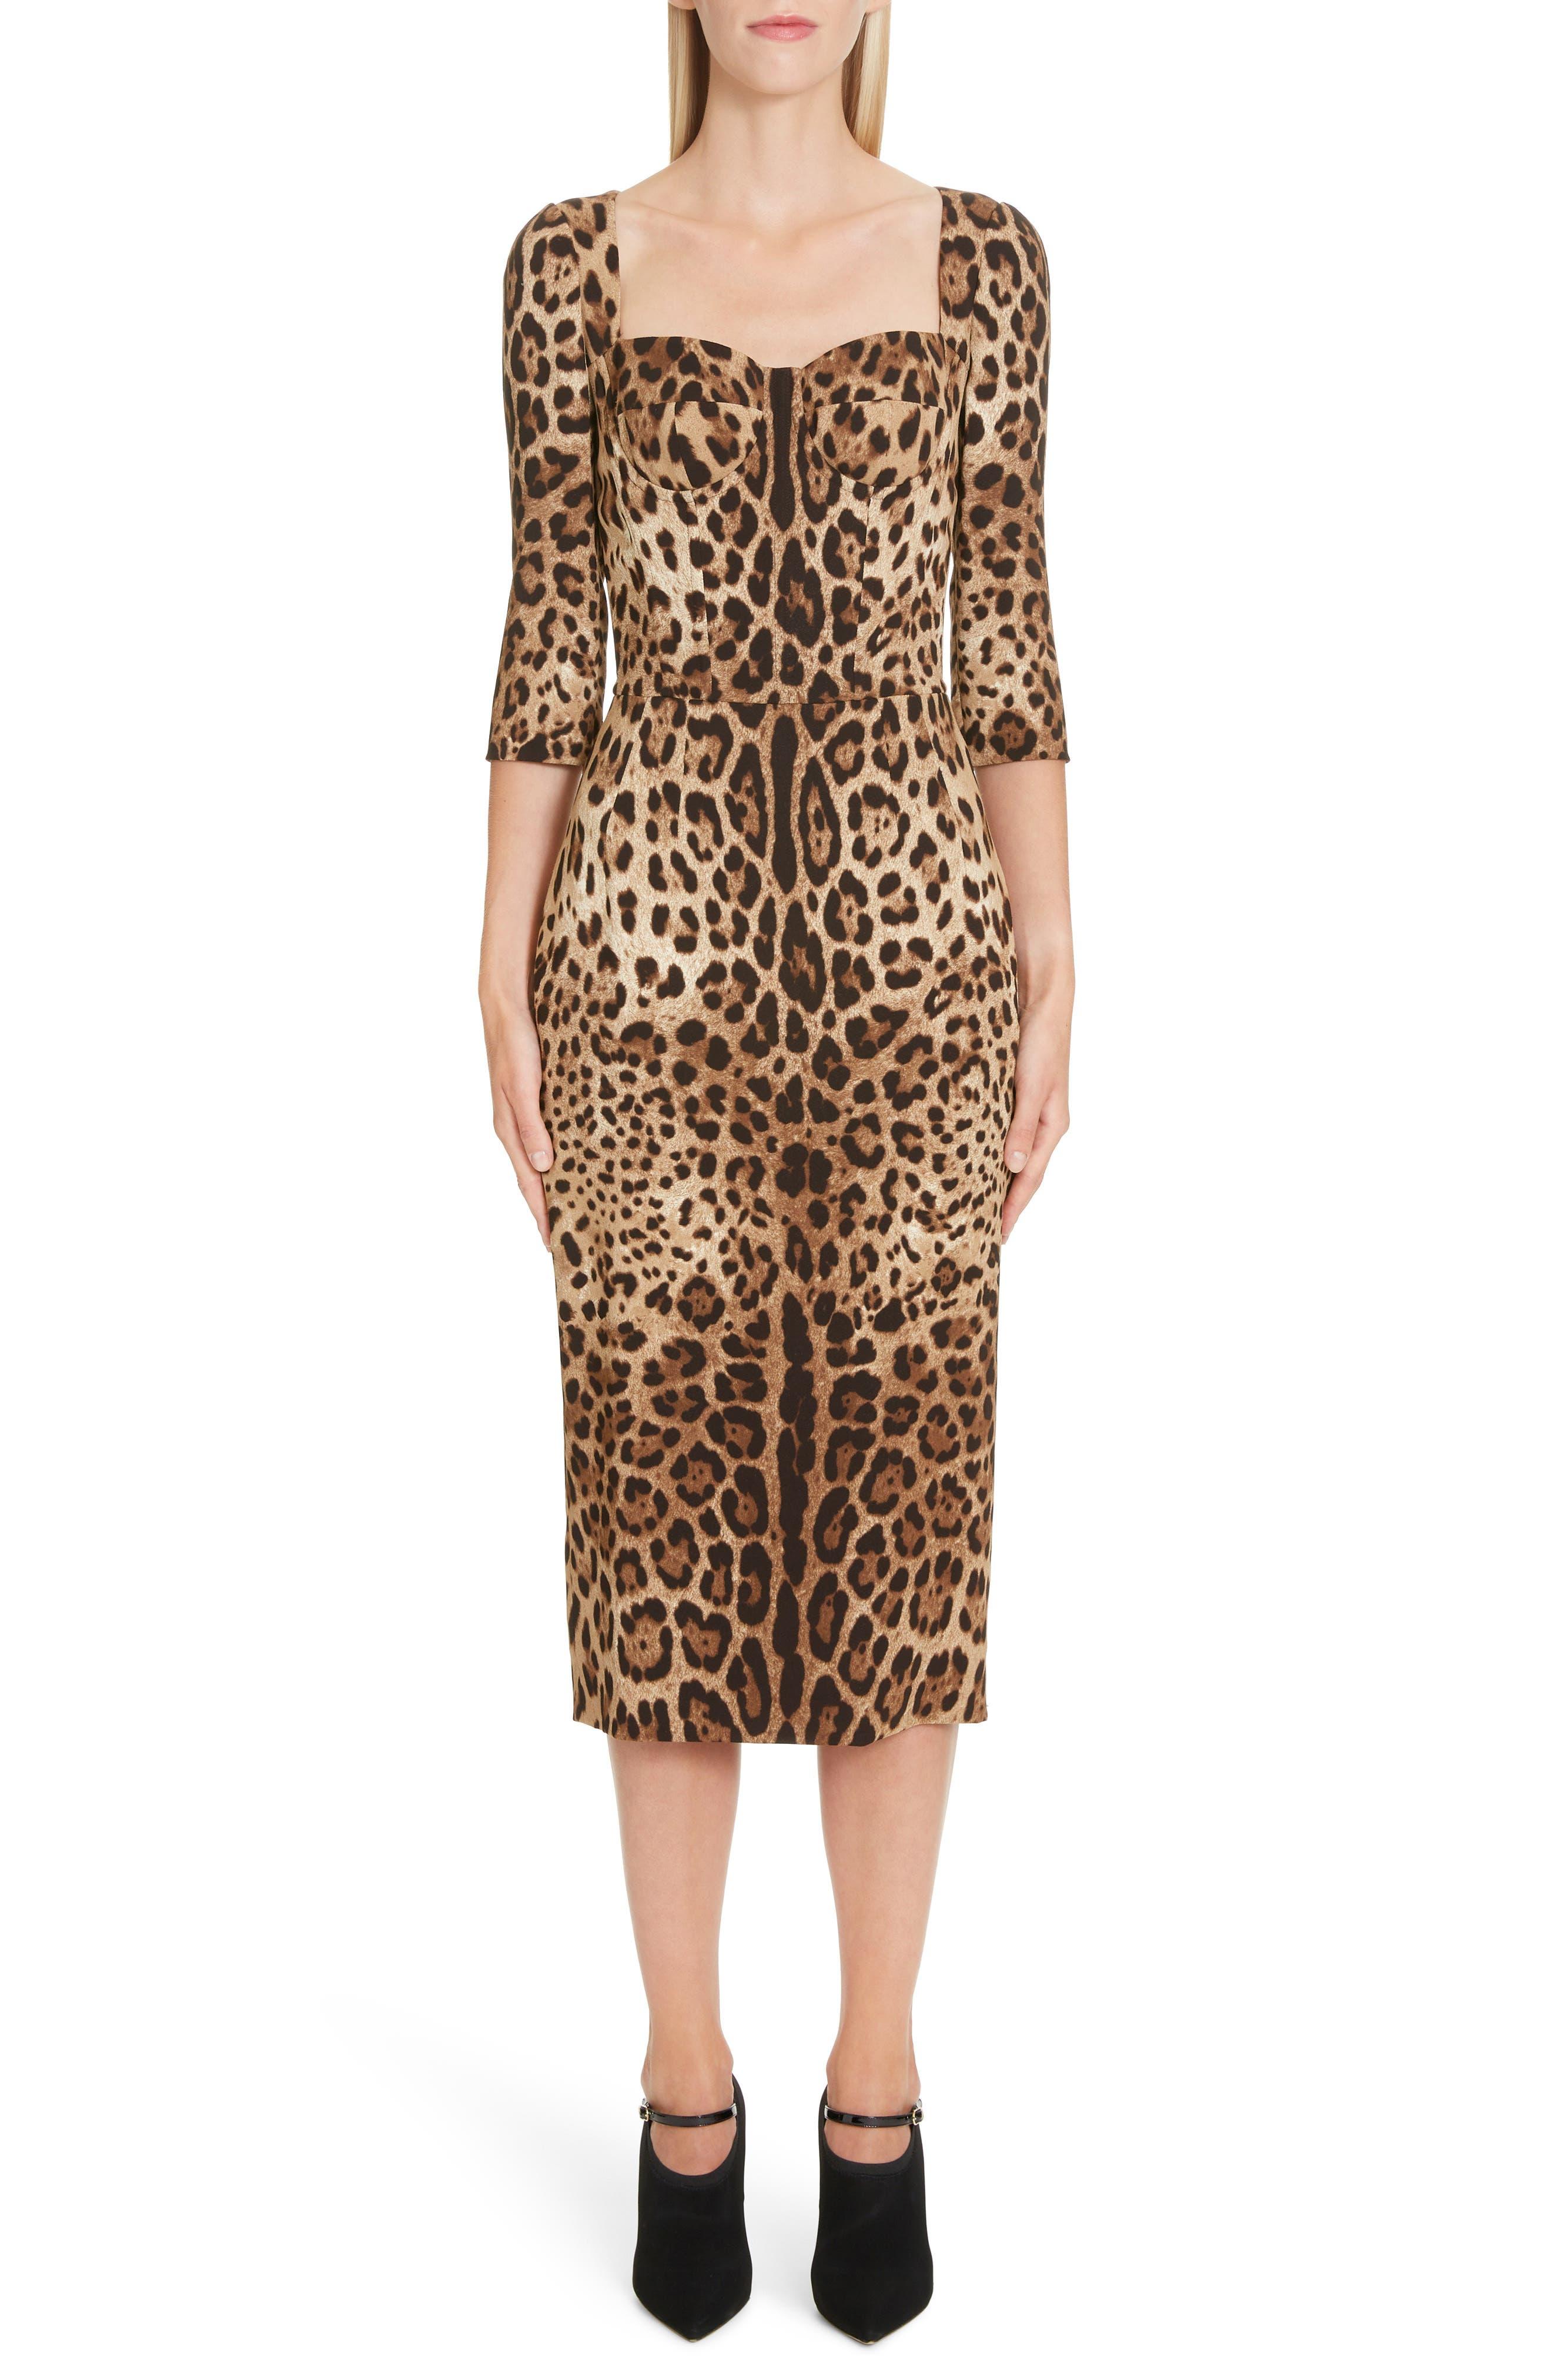 Dolce & gabbana Leopard Print Bustier Bodice Sheath Dress, US / 44 IT - Brown